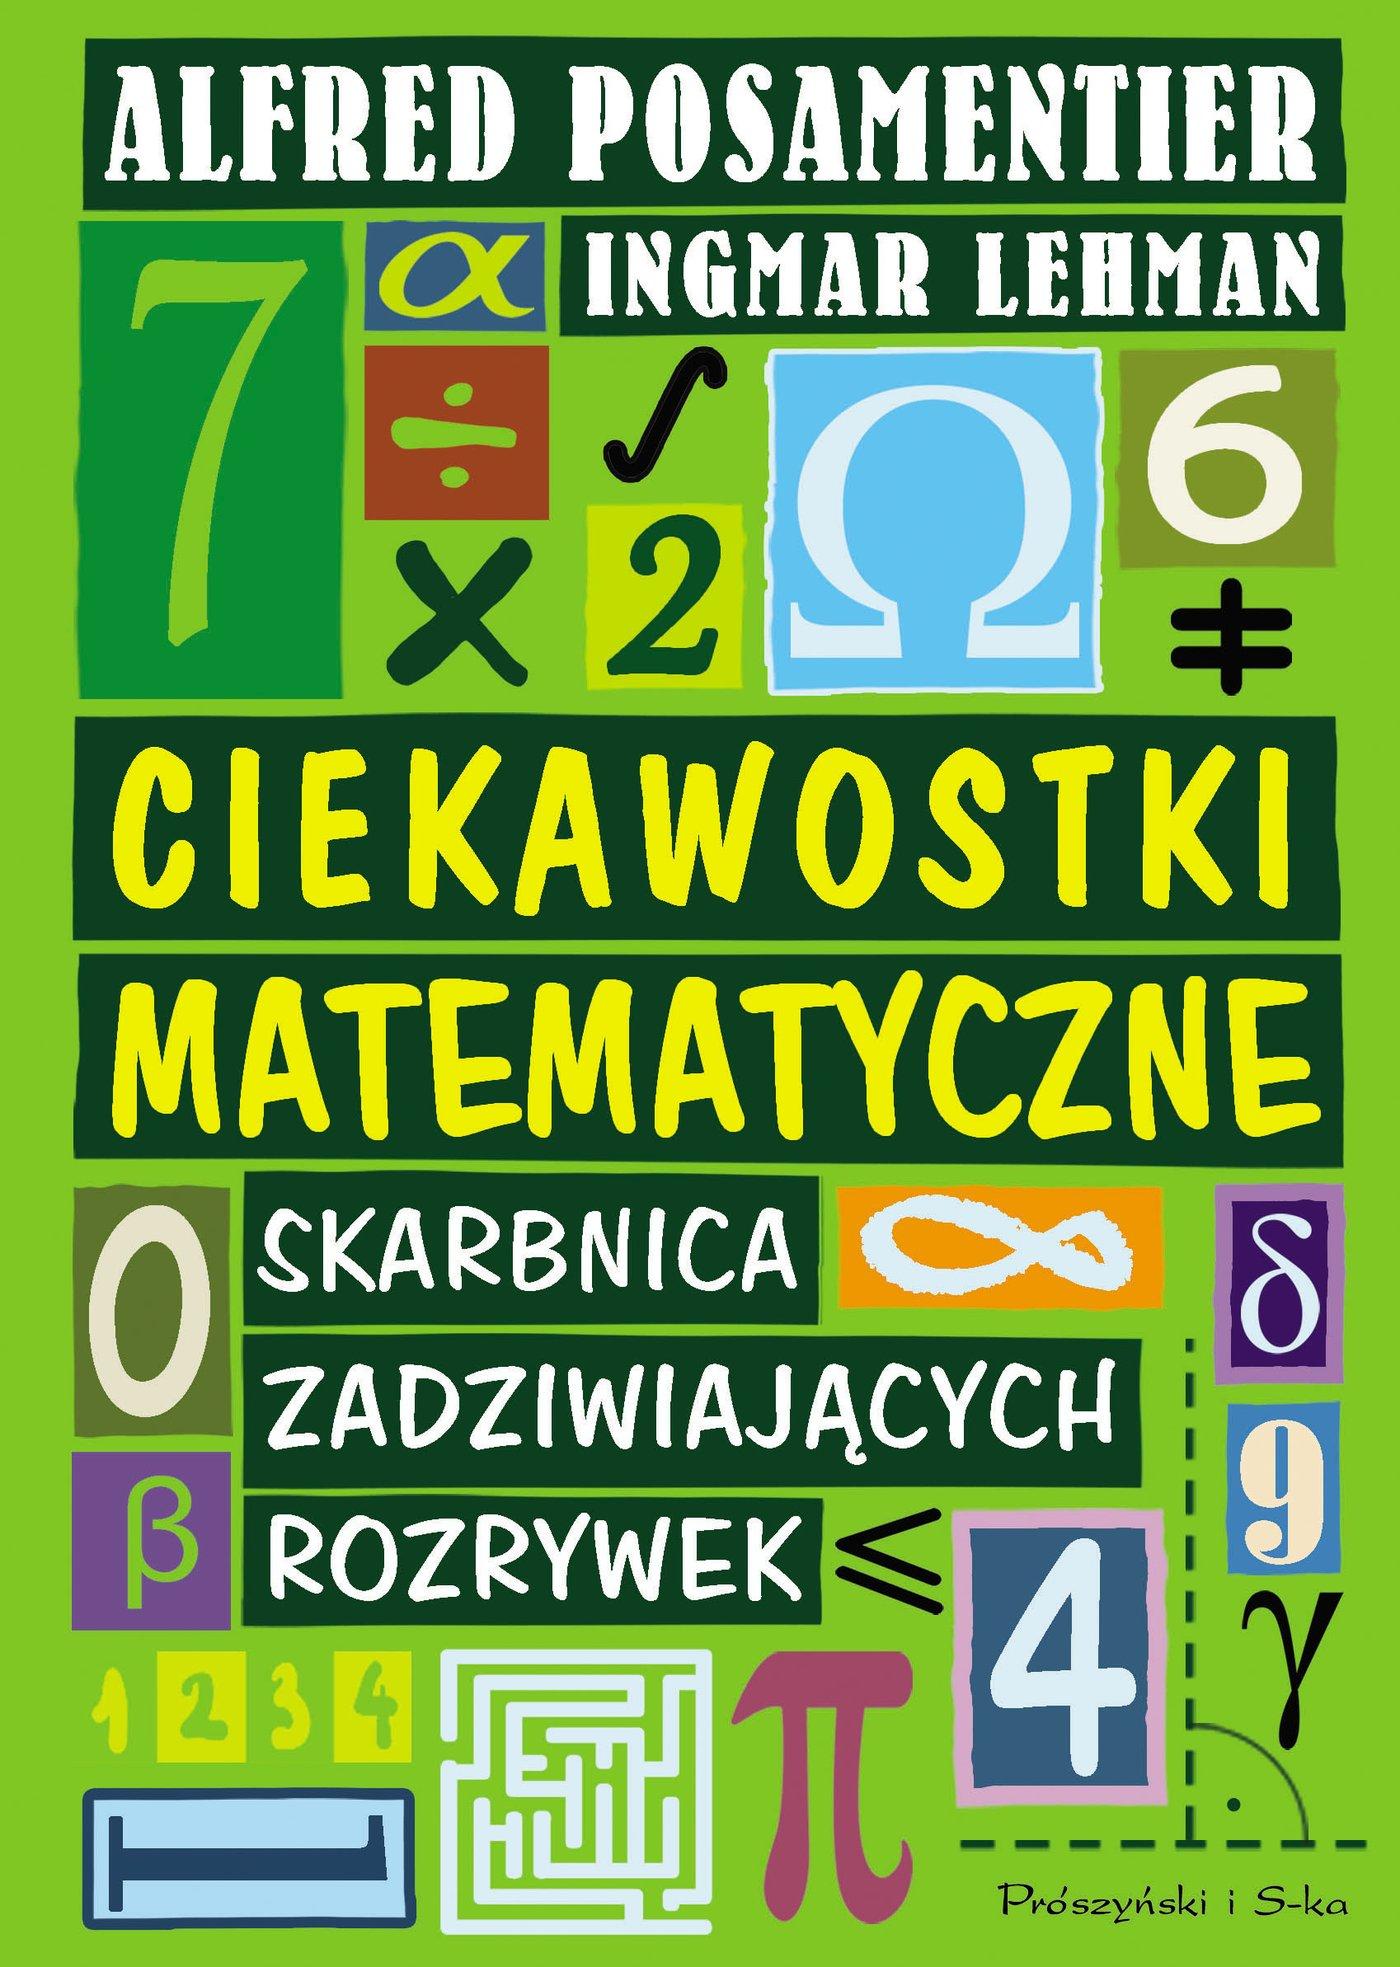 Ciekawostki matematyczne. Skarbnica Zadziwiających rozrywek - Ebook (Książka EPUB) do pobrania w formacie EPUB